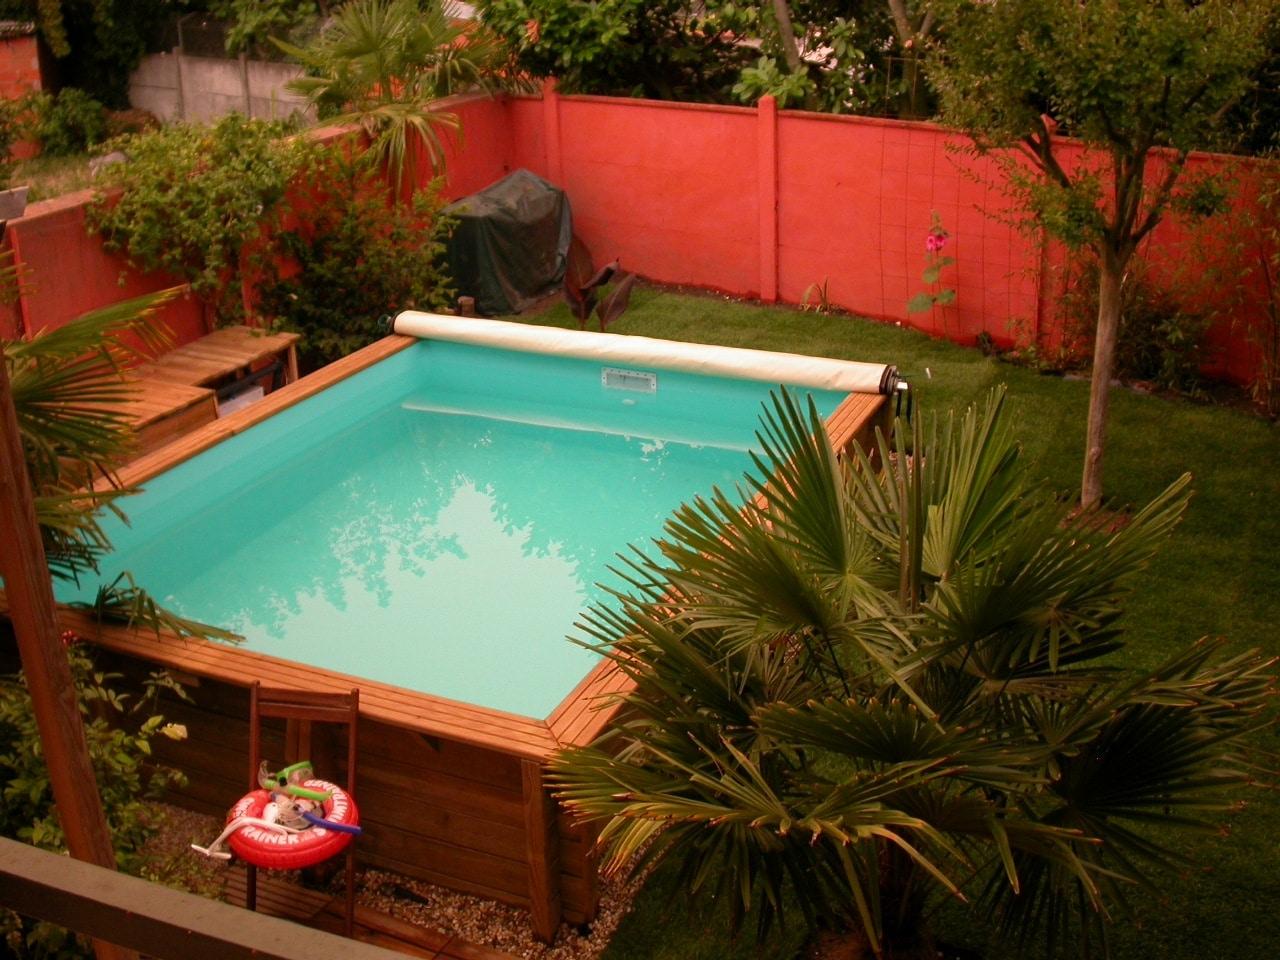 comment fabriquer une piscine. Black Bedroom Furniture Sets. Home Design Ideas